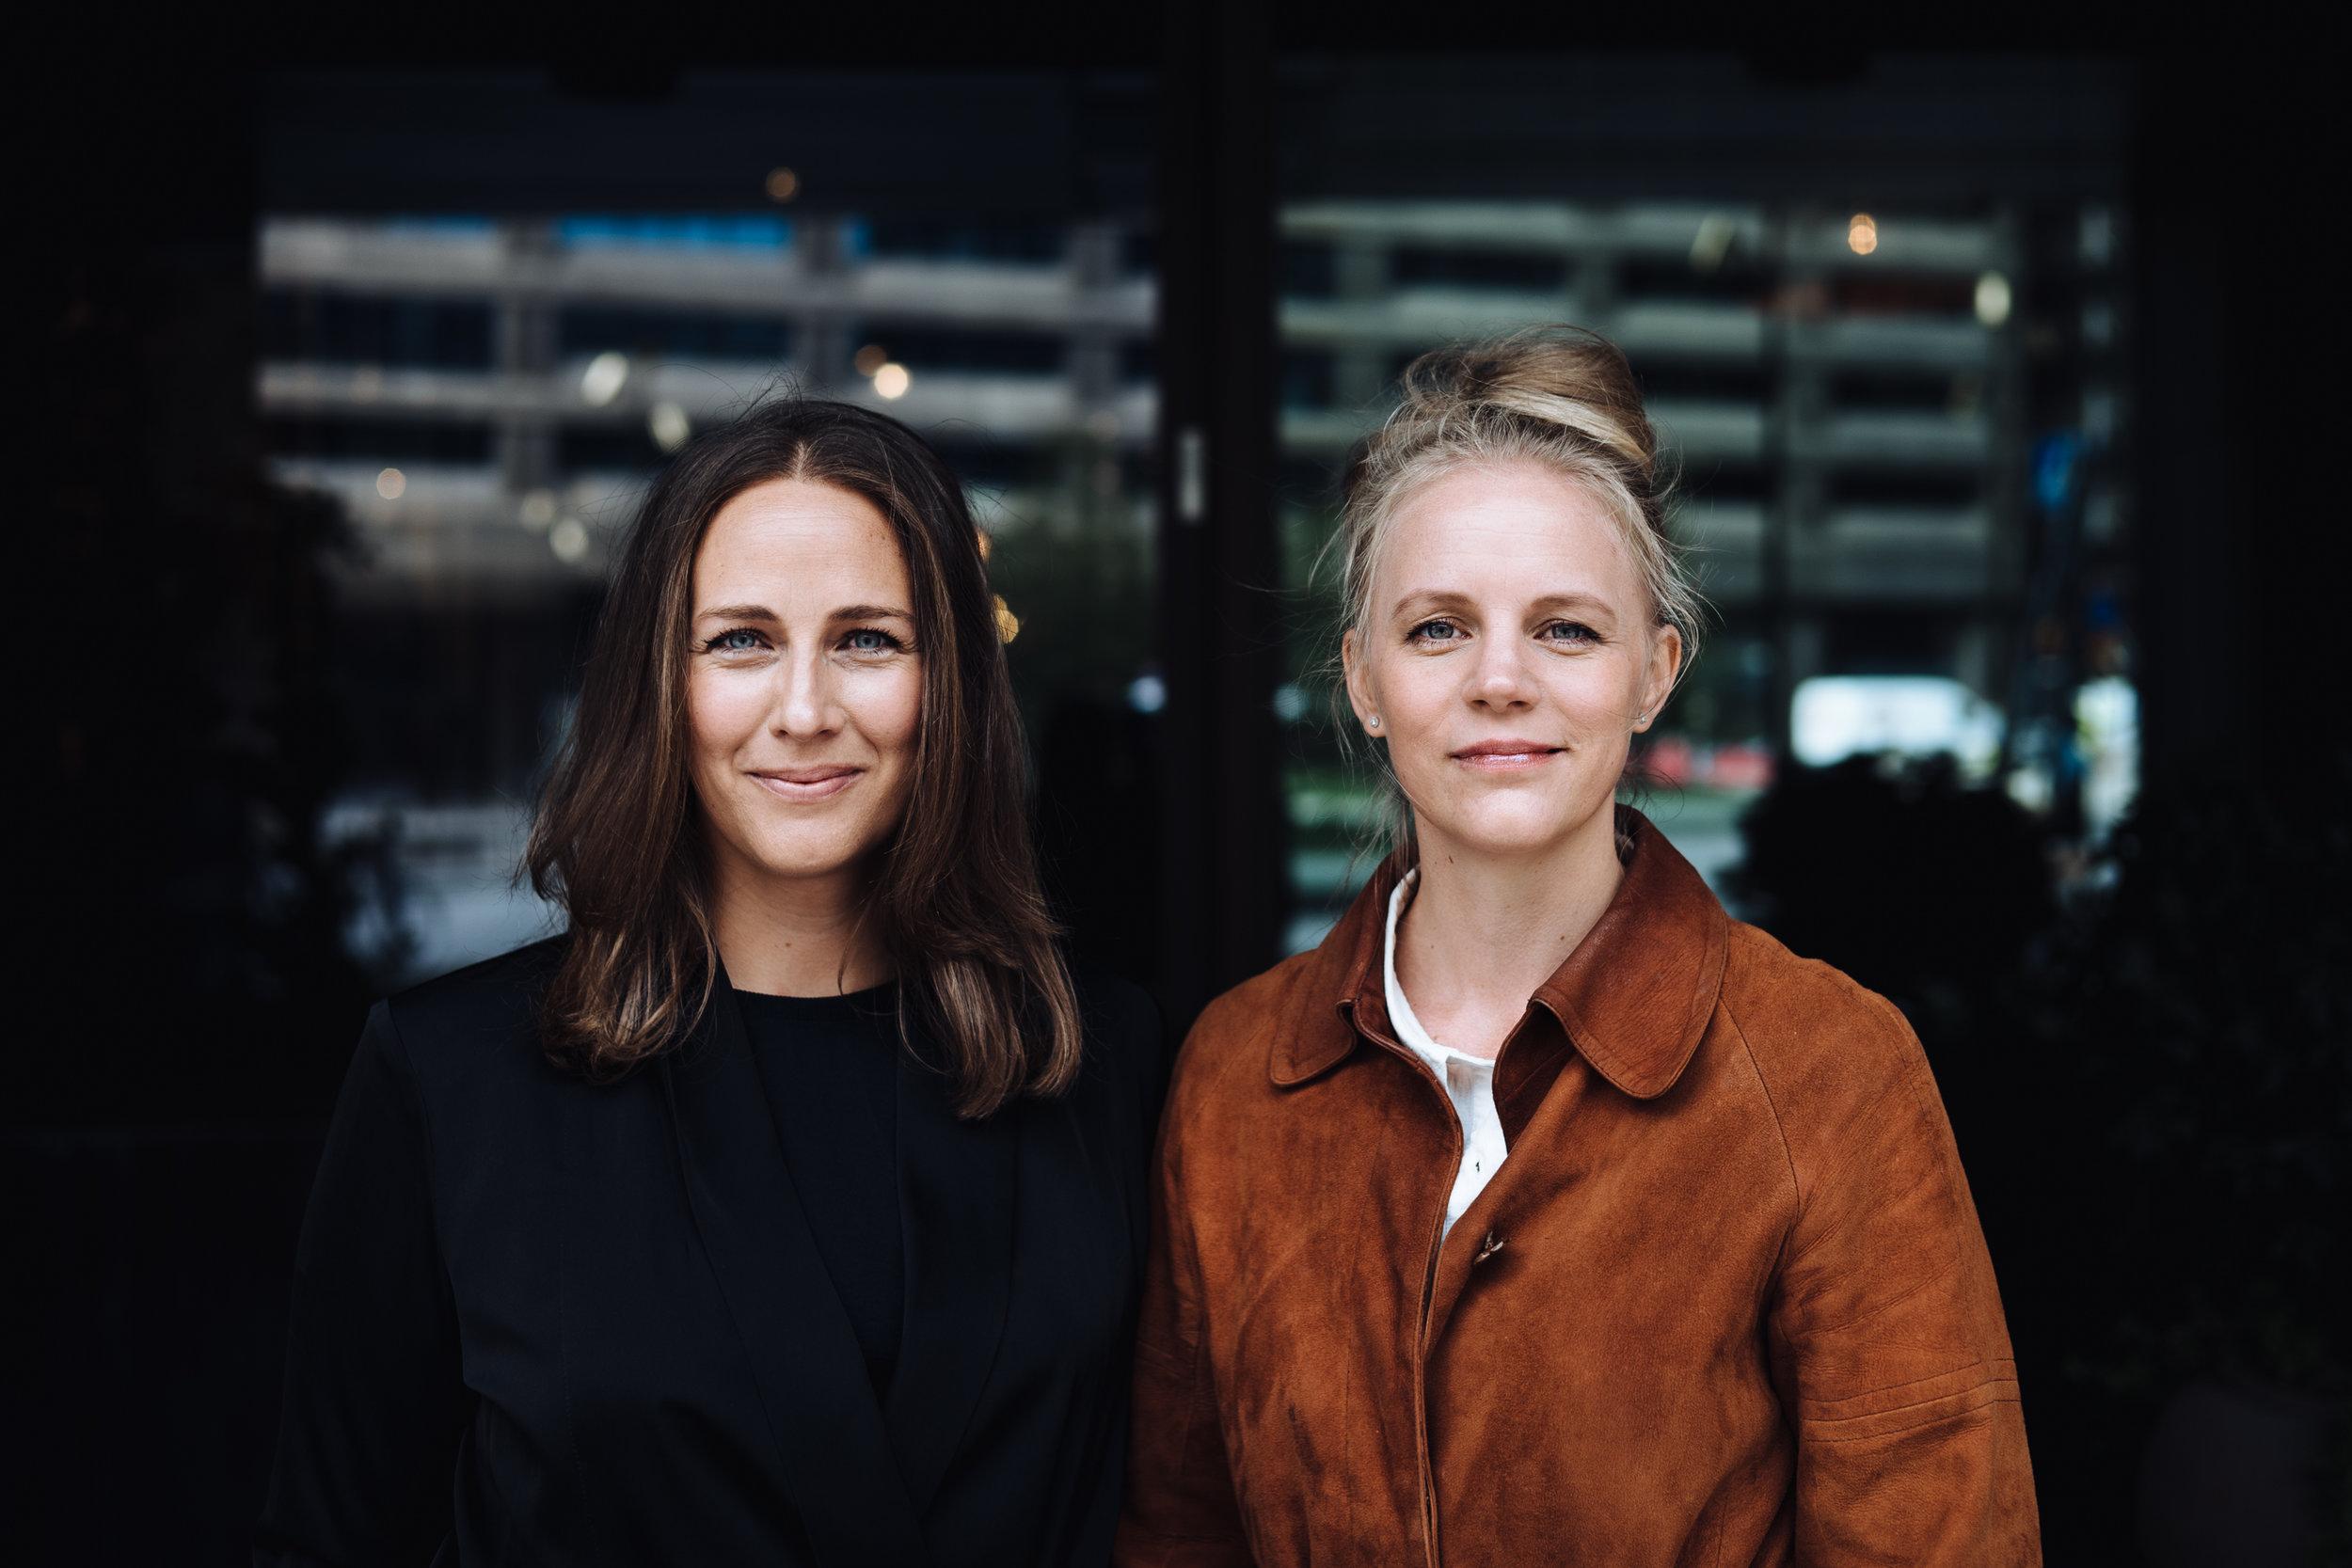 Elsa Lantz och Jenny Holmström, medgrundare av Porrfri Barndom. Fotograf:  Abraham Engelmark